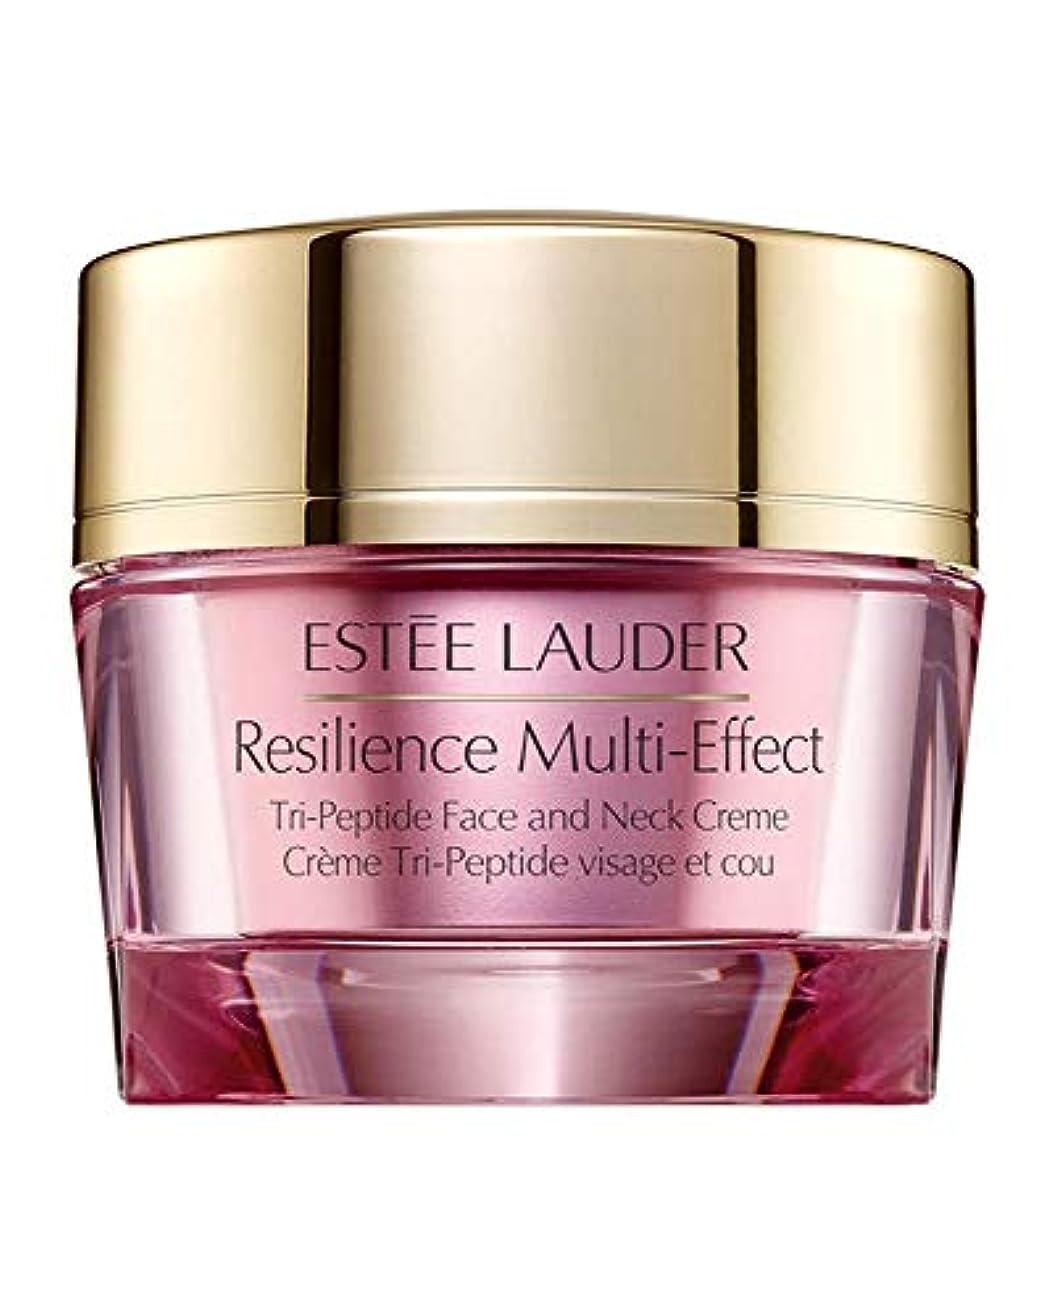 先に攻撃ダンスエスティローダー Resilience Multi-Effect Tri-Peptide Face and Neck Creme SPF 15 - For Normal/Combination Skin 50ml/1.7oz並行輸入品